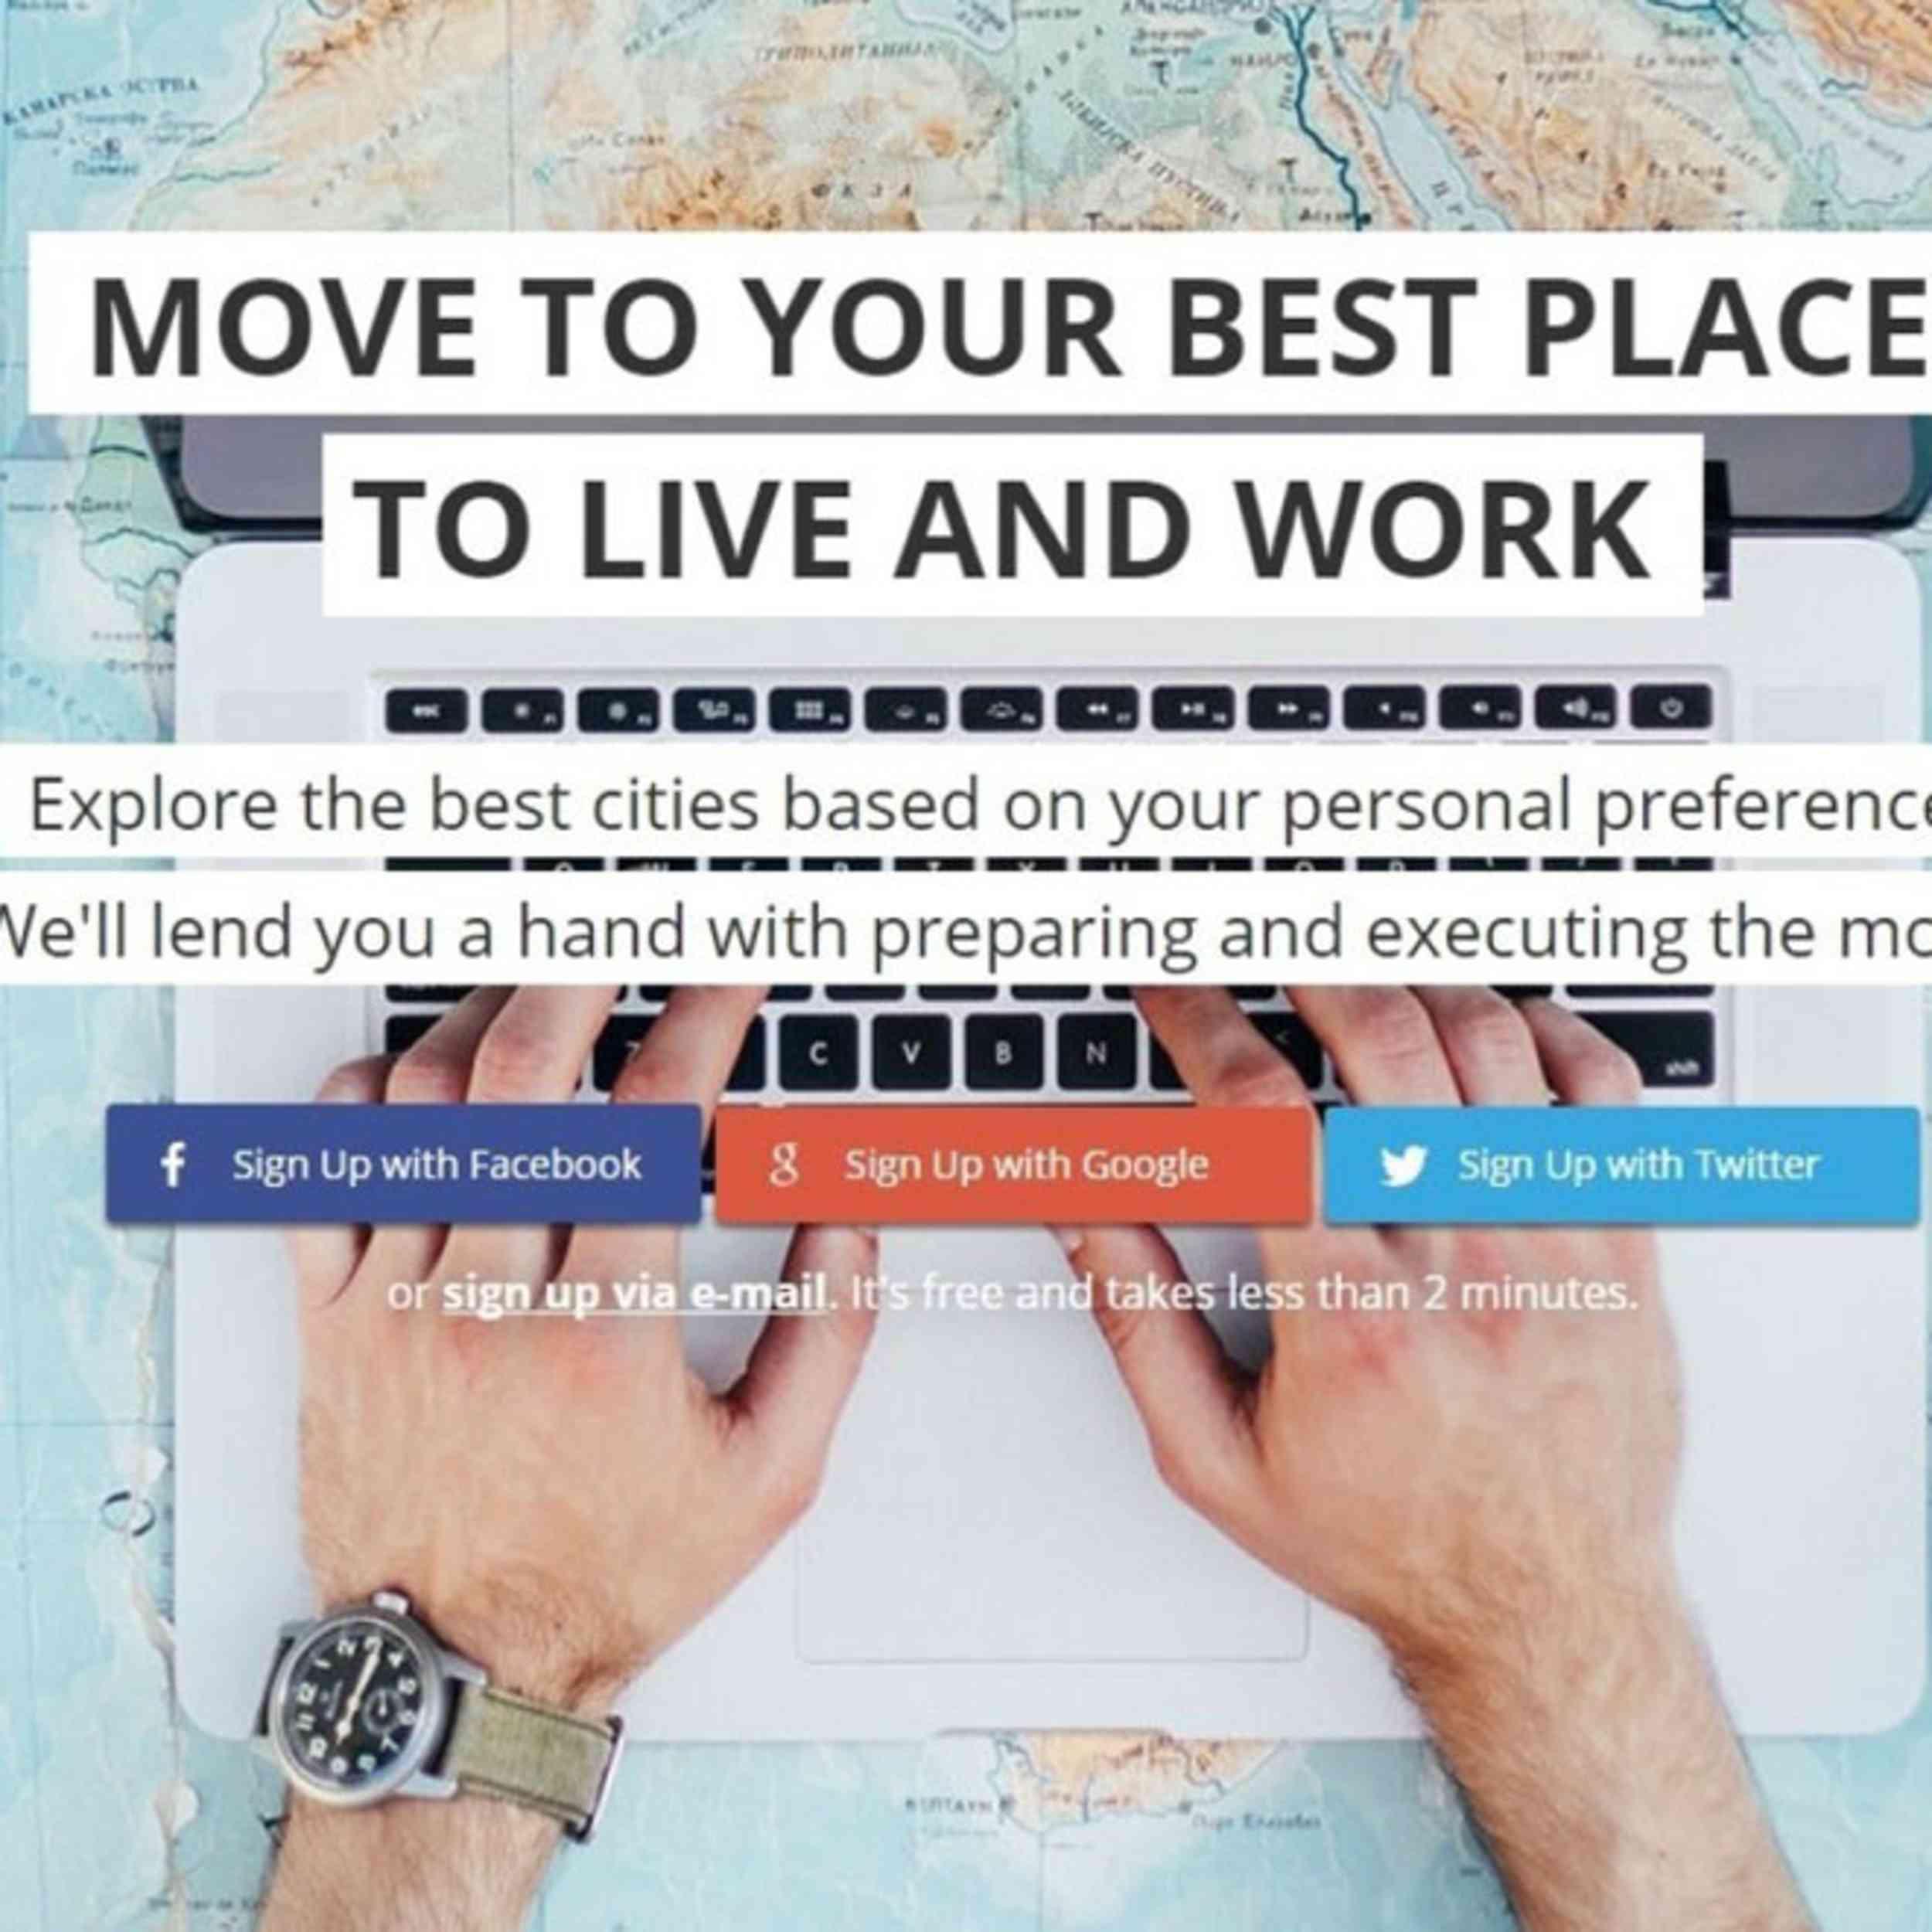 Diese App berechnet euch den idealen Ort zum Leben und Arbeiten | WIRED Germany